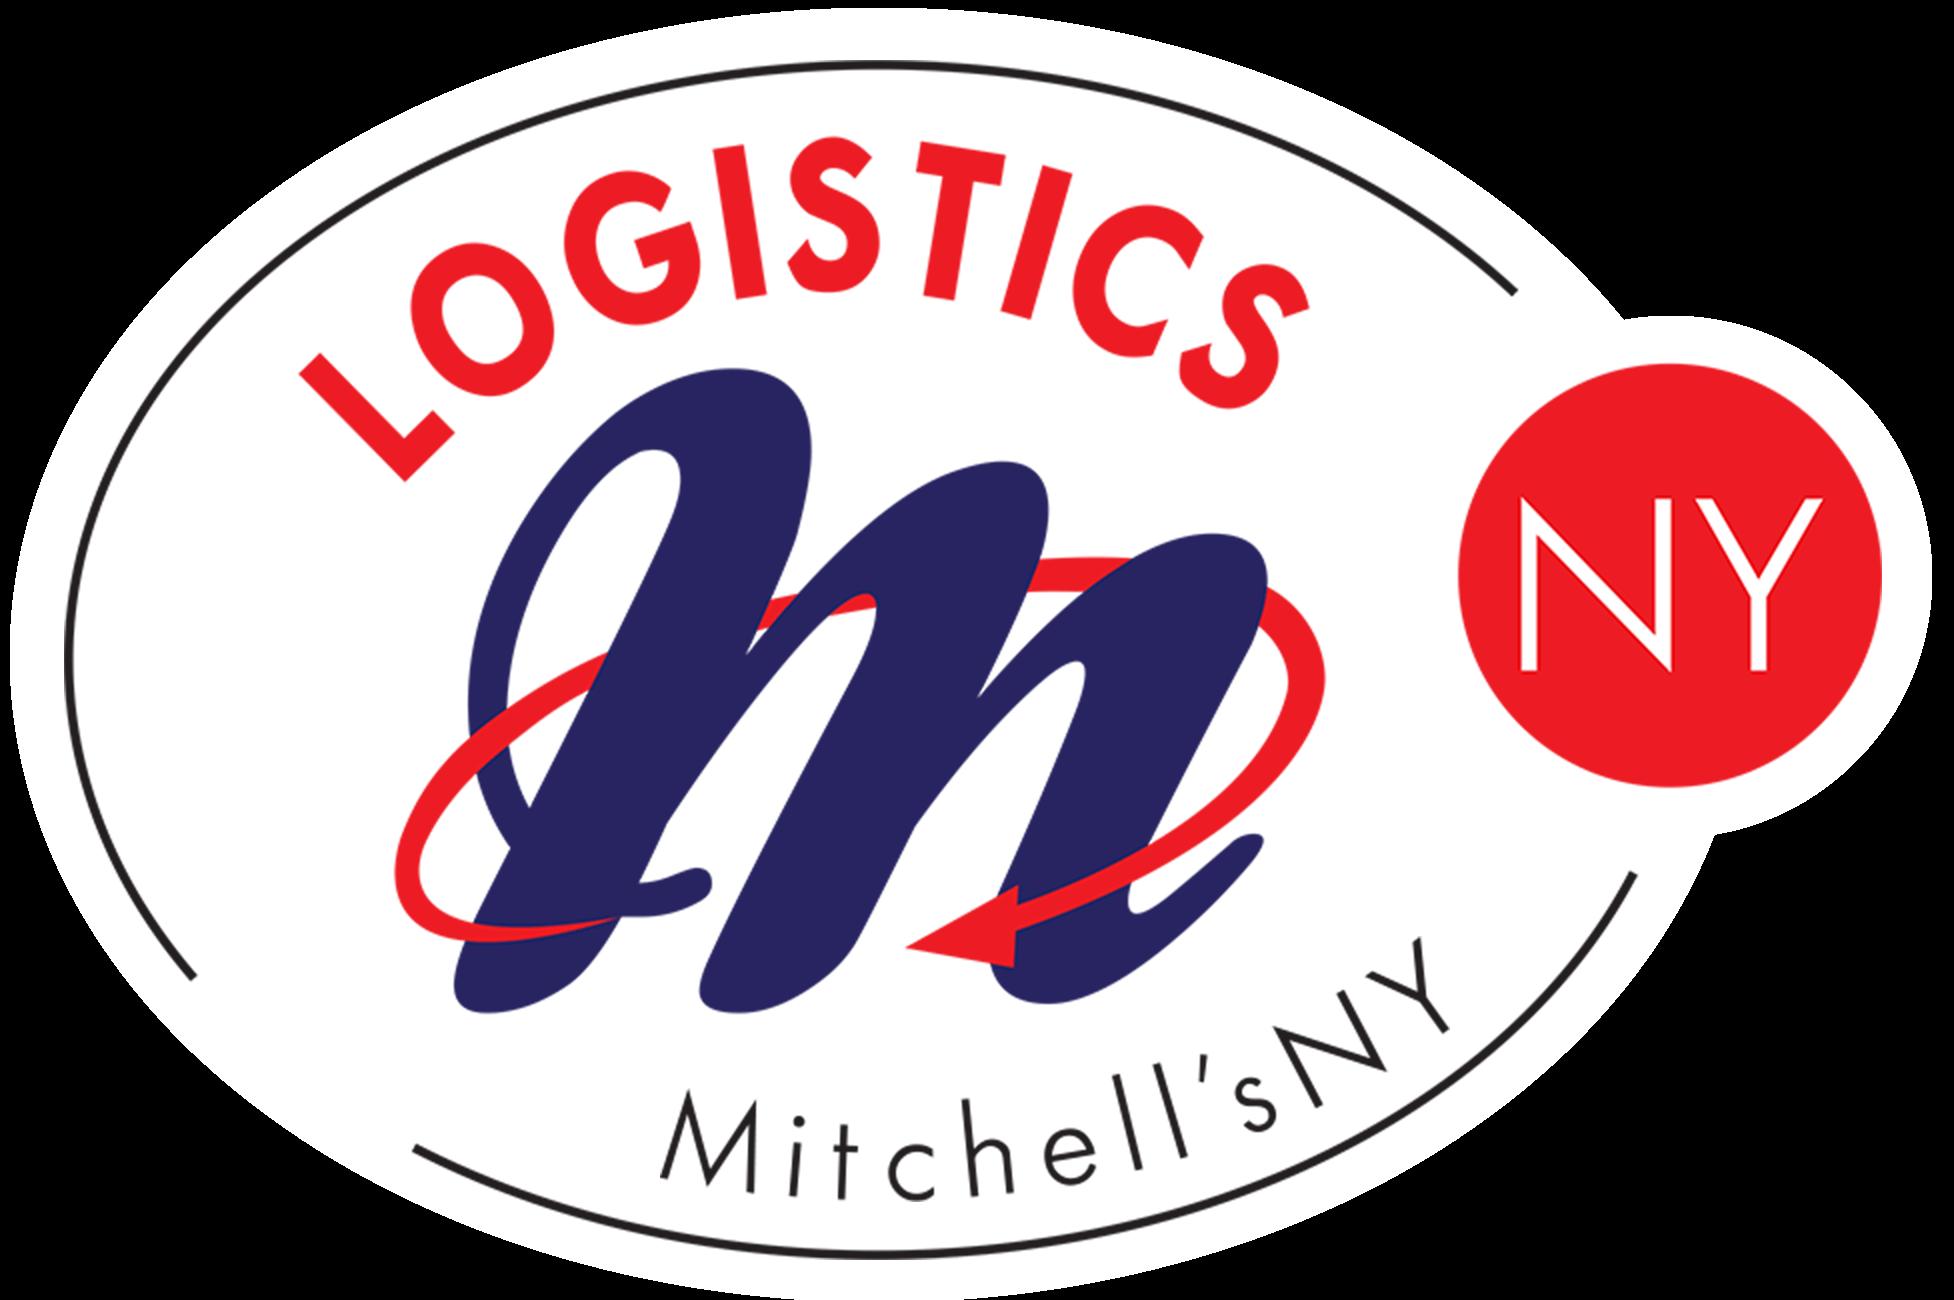 Mitchell's NY Logistics Logo